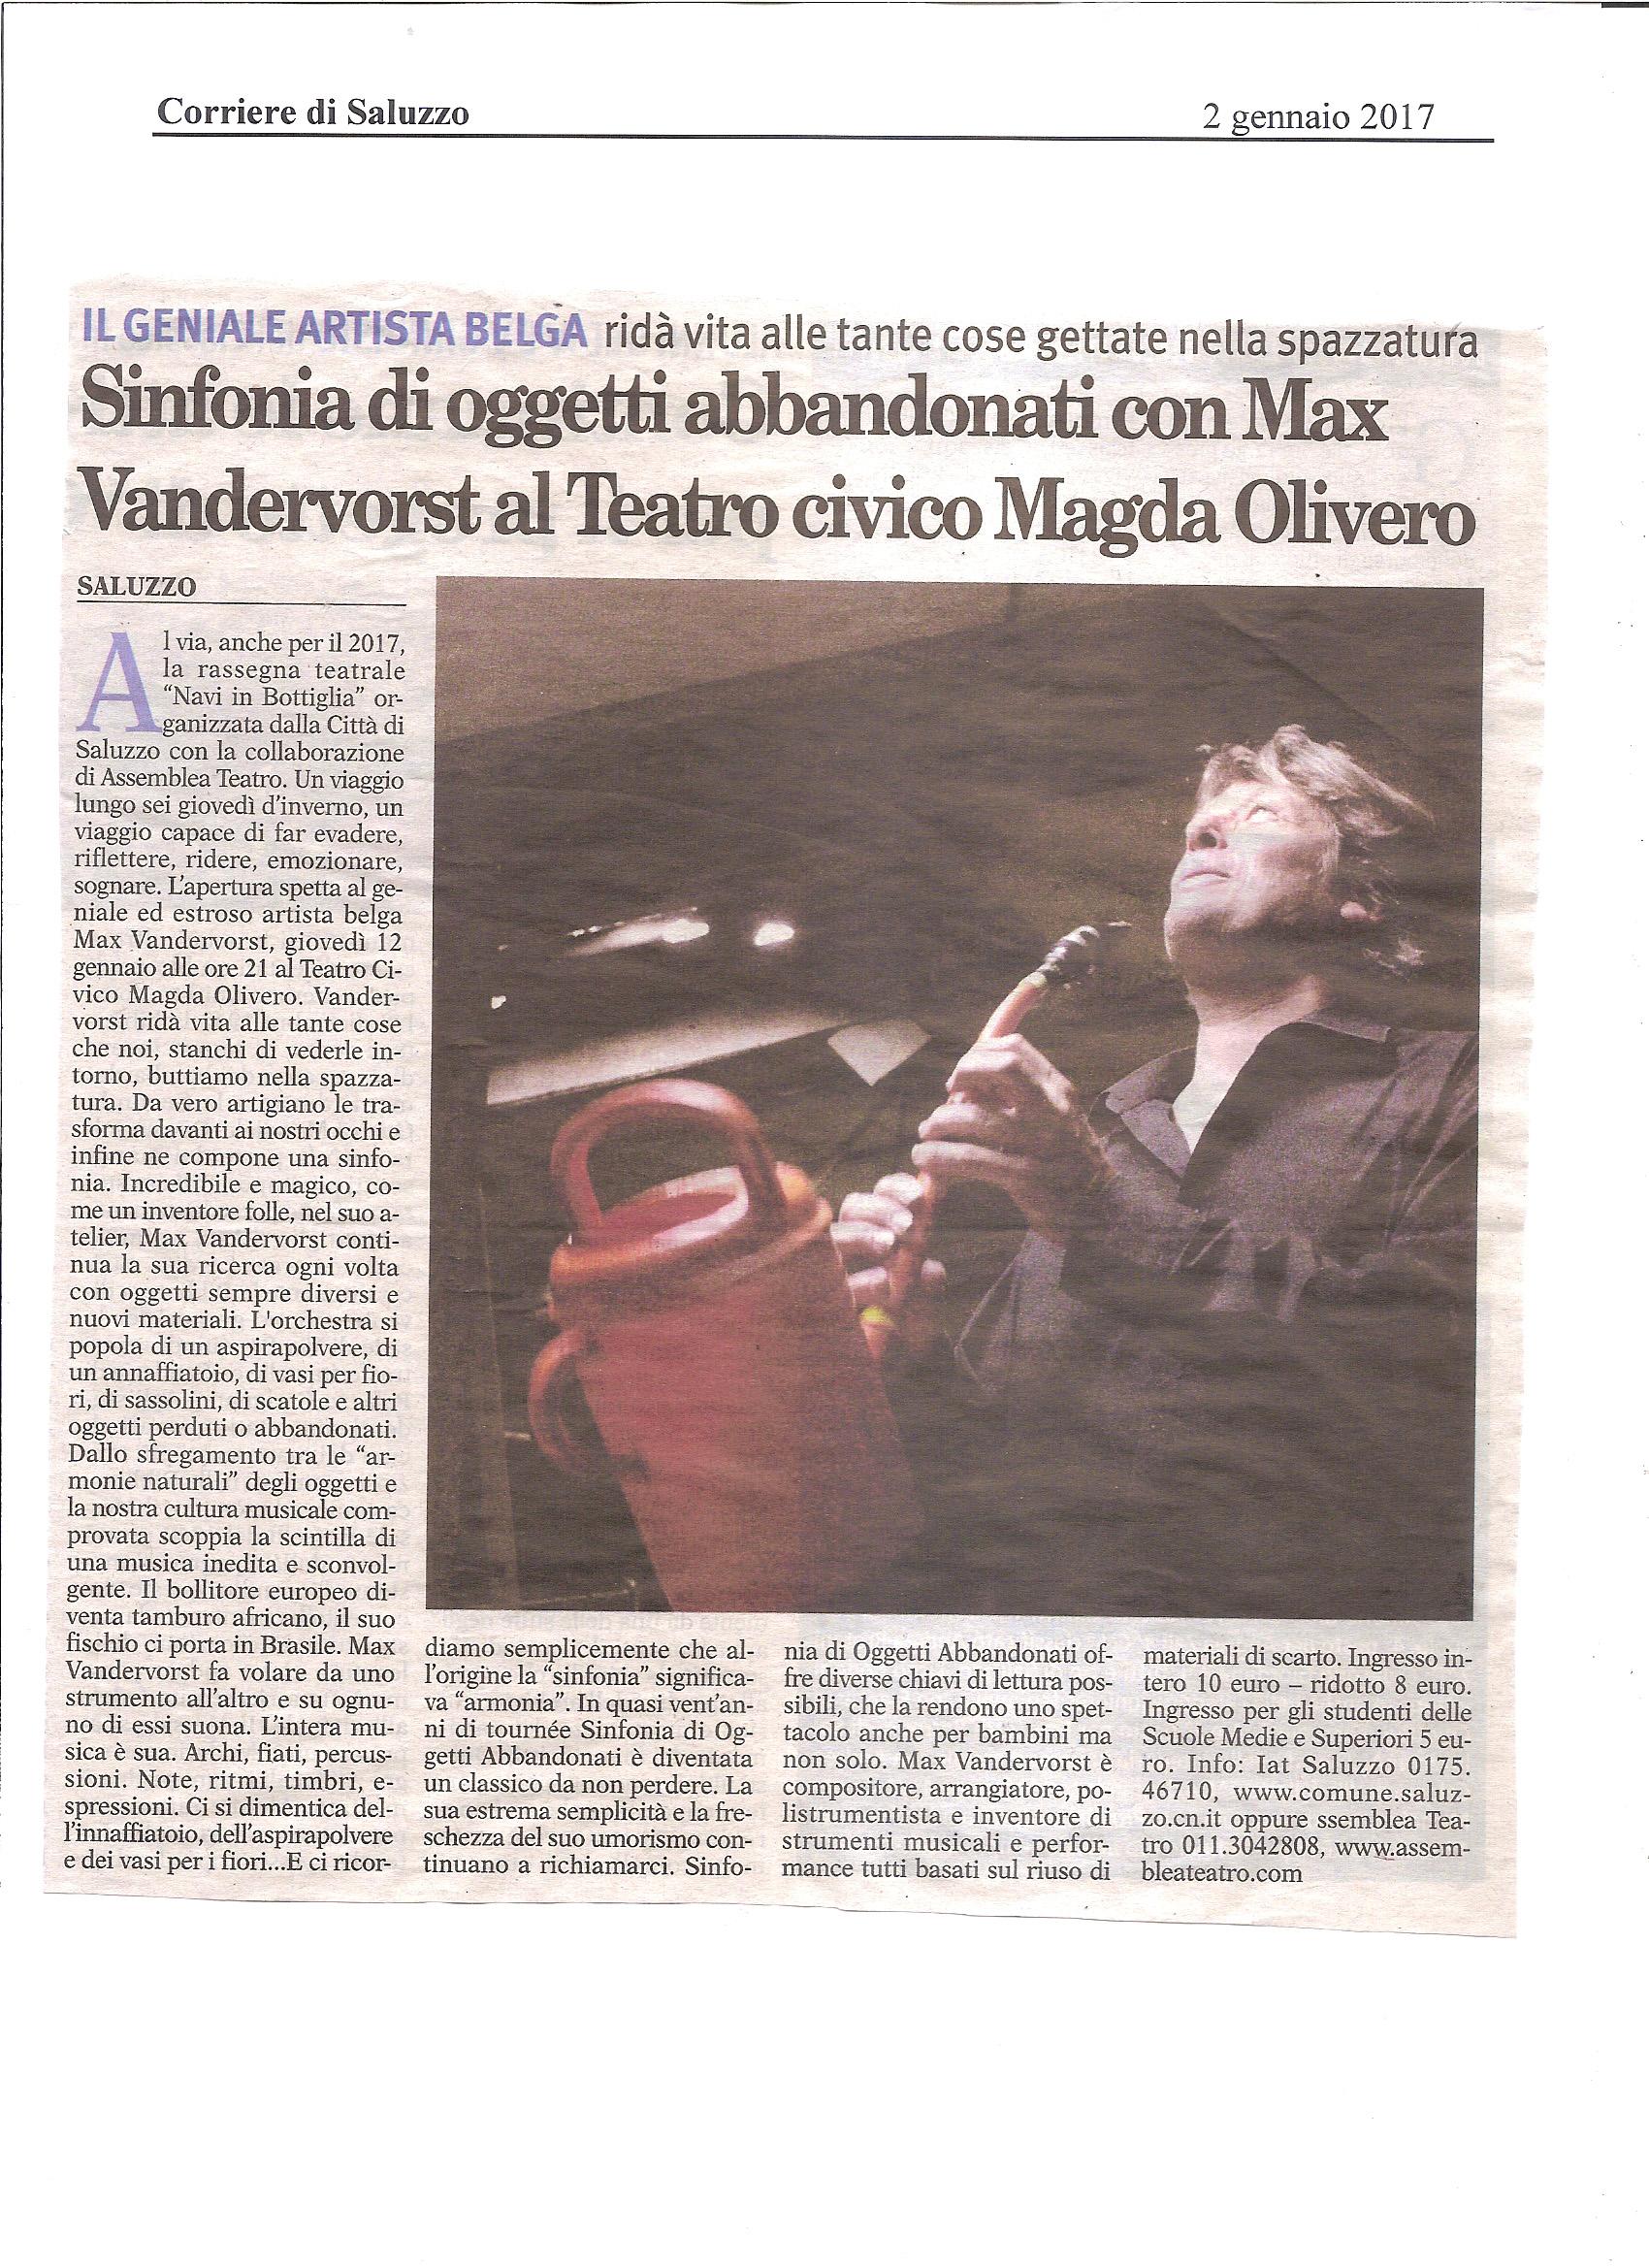 Vandervorst_CorriereSaluzzo.2gen17